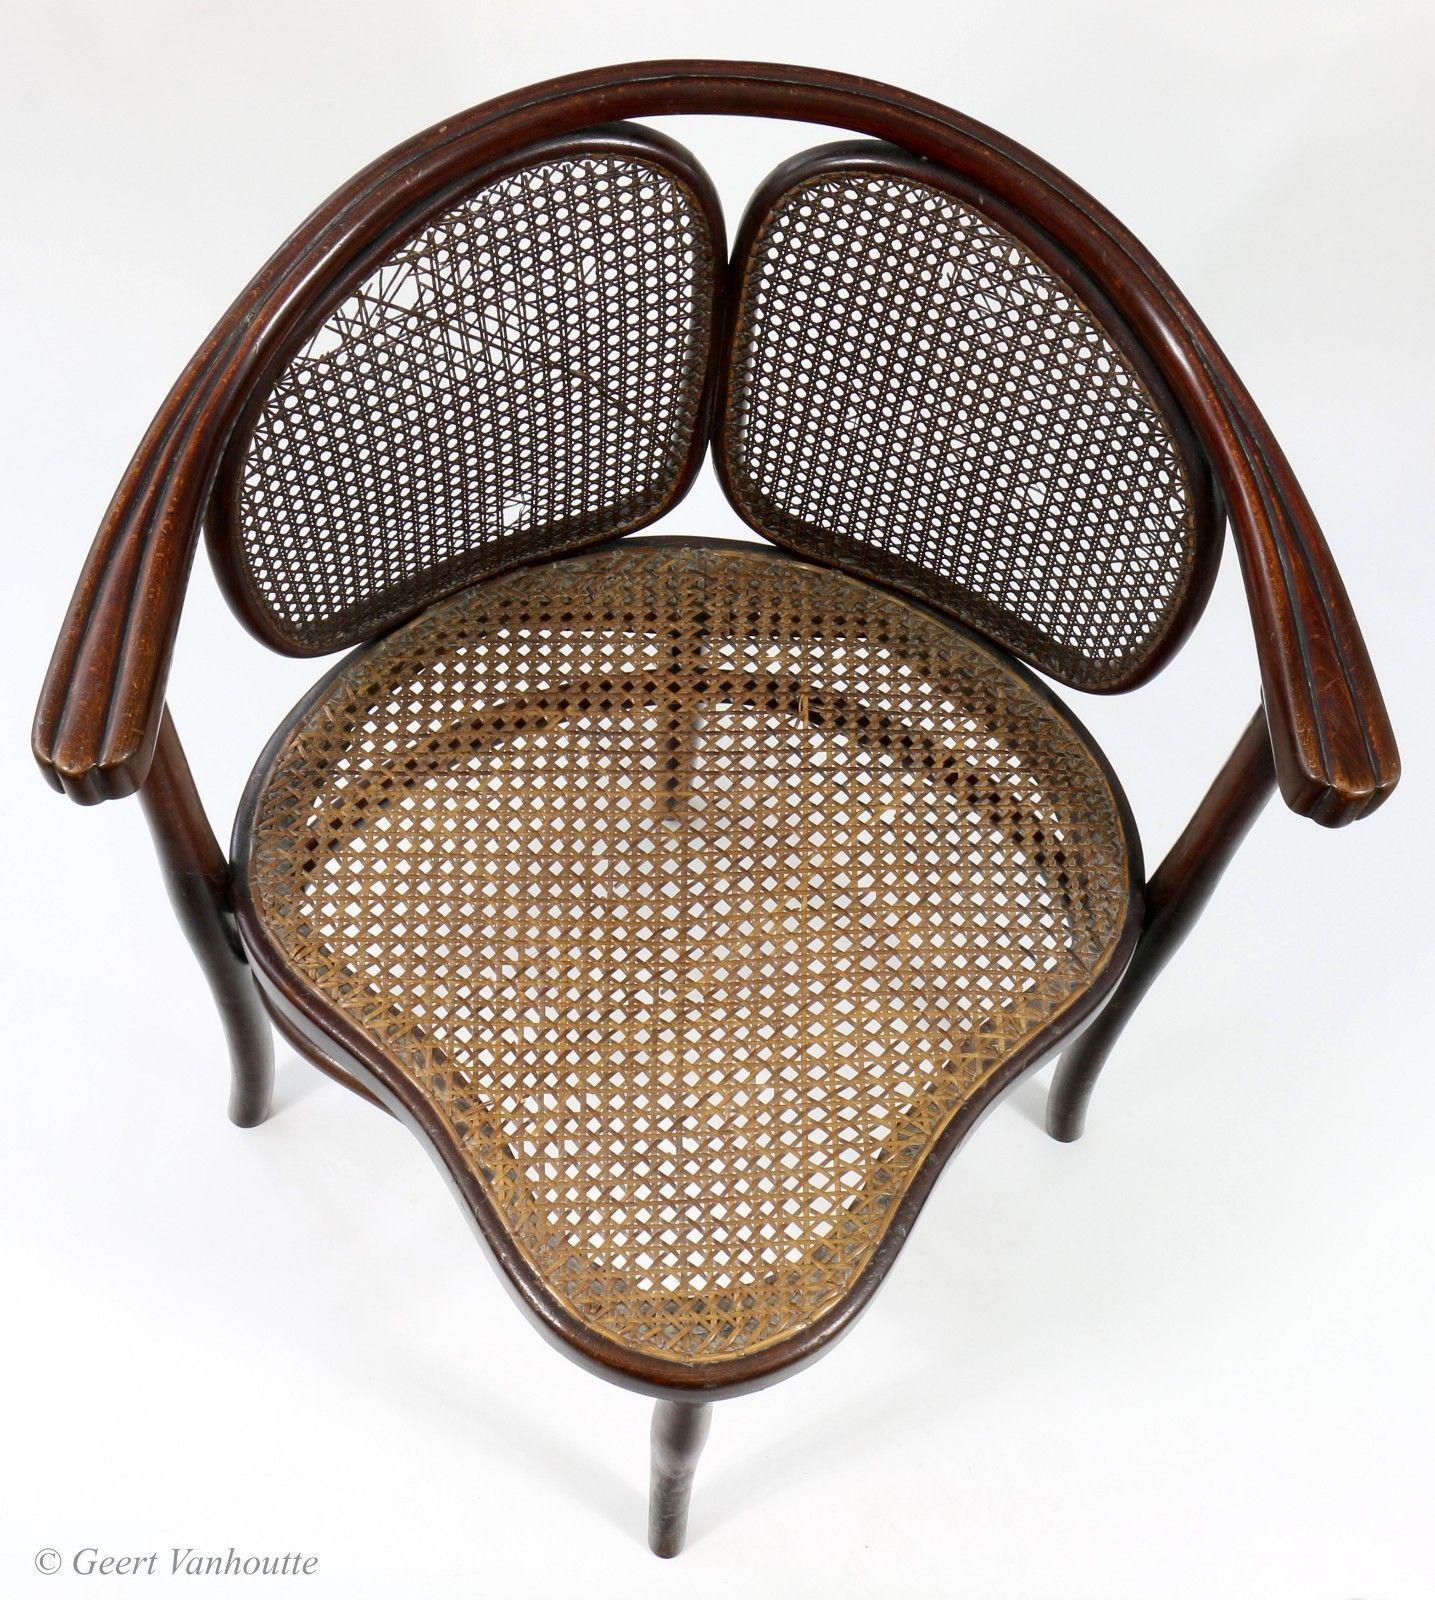 Thonet Schreibtischfauteuil Nr 2 Ca 1881 1887 Art Deco Mobel Bauhaus Mobel Innenarchitektur